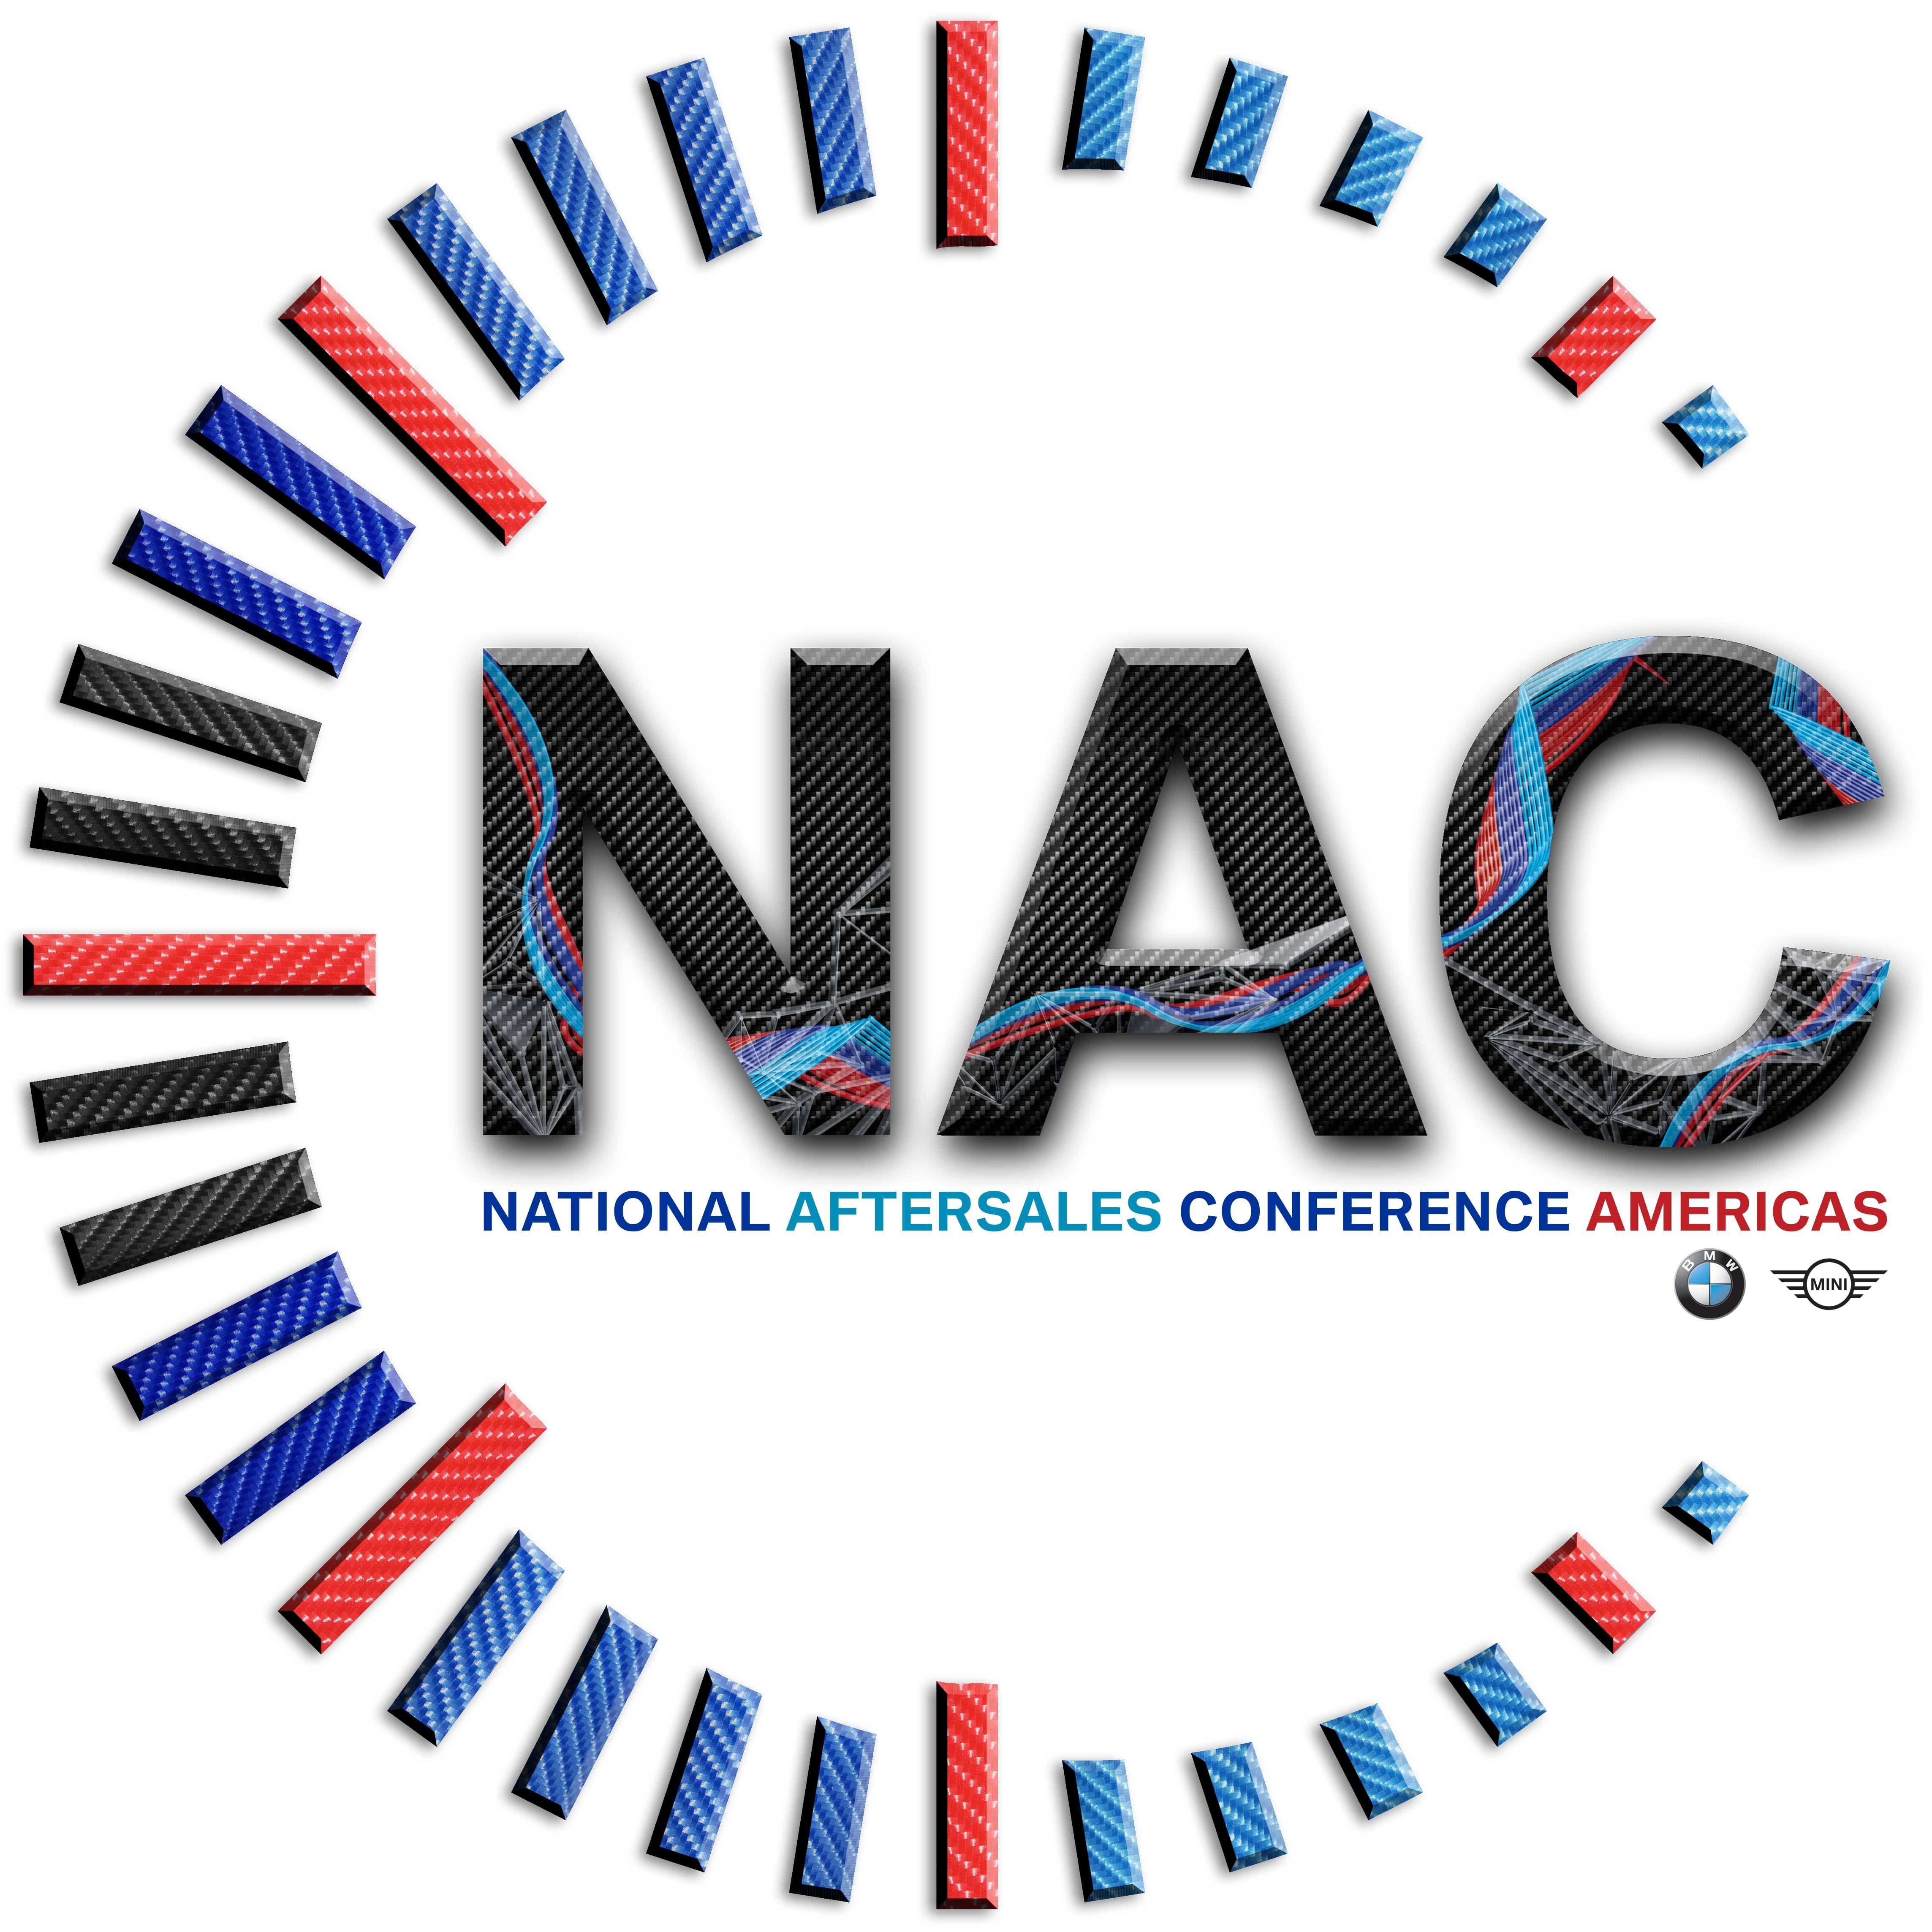 NAC 2019